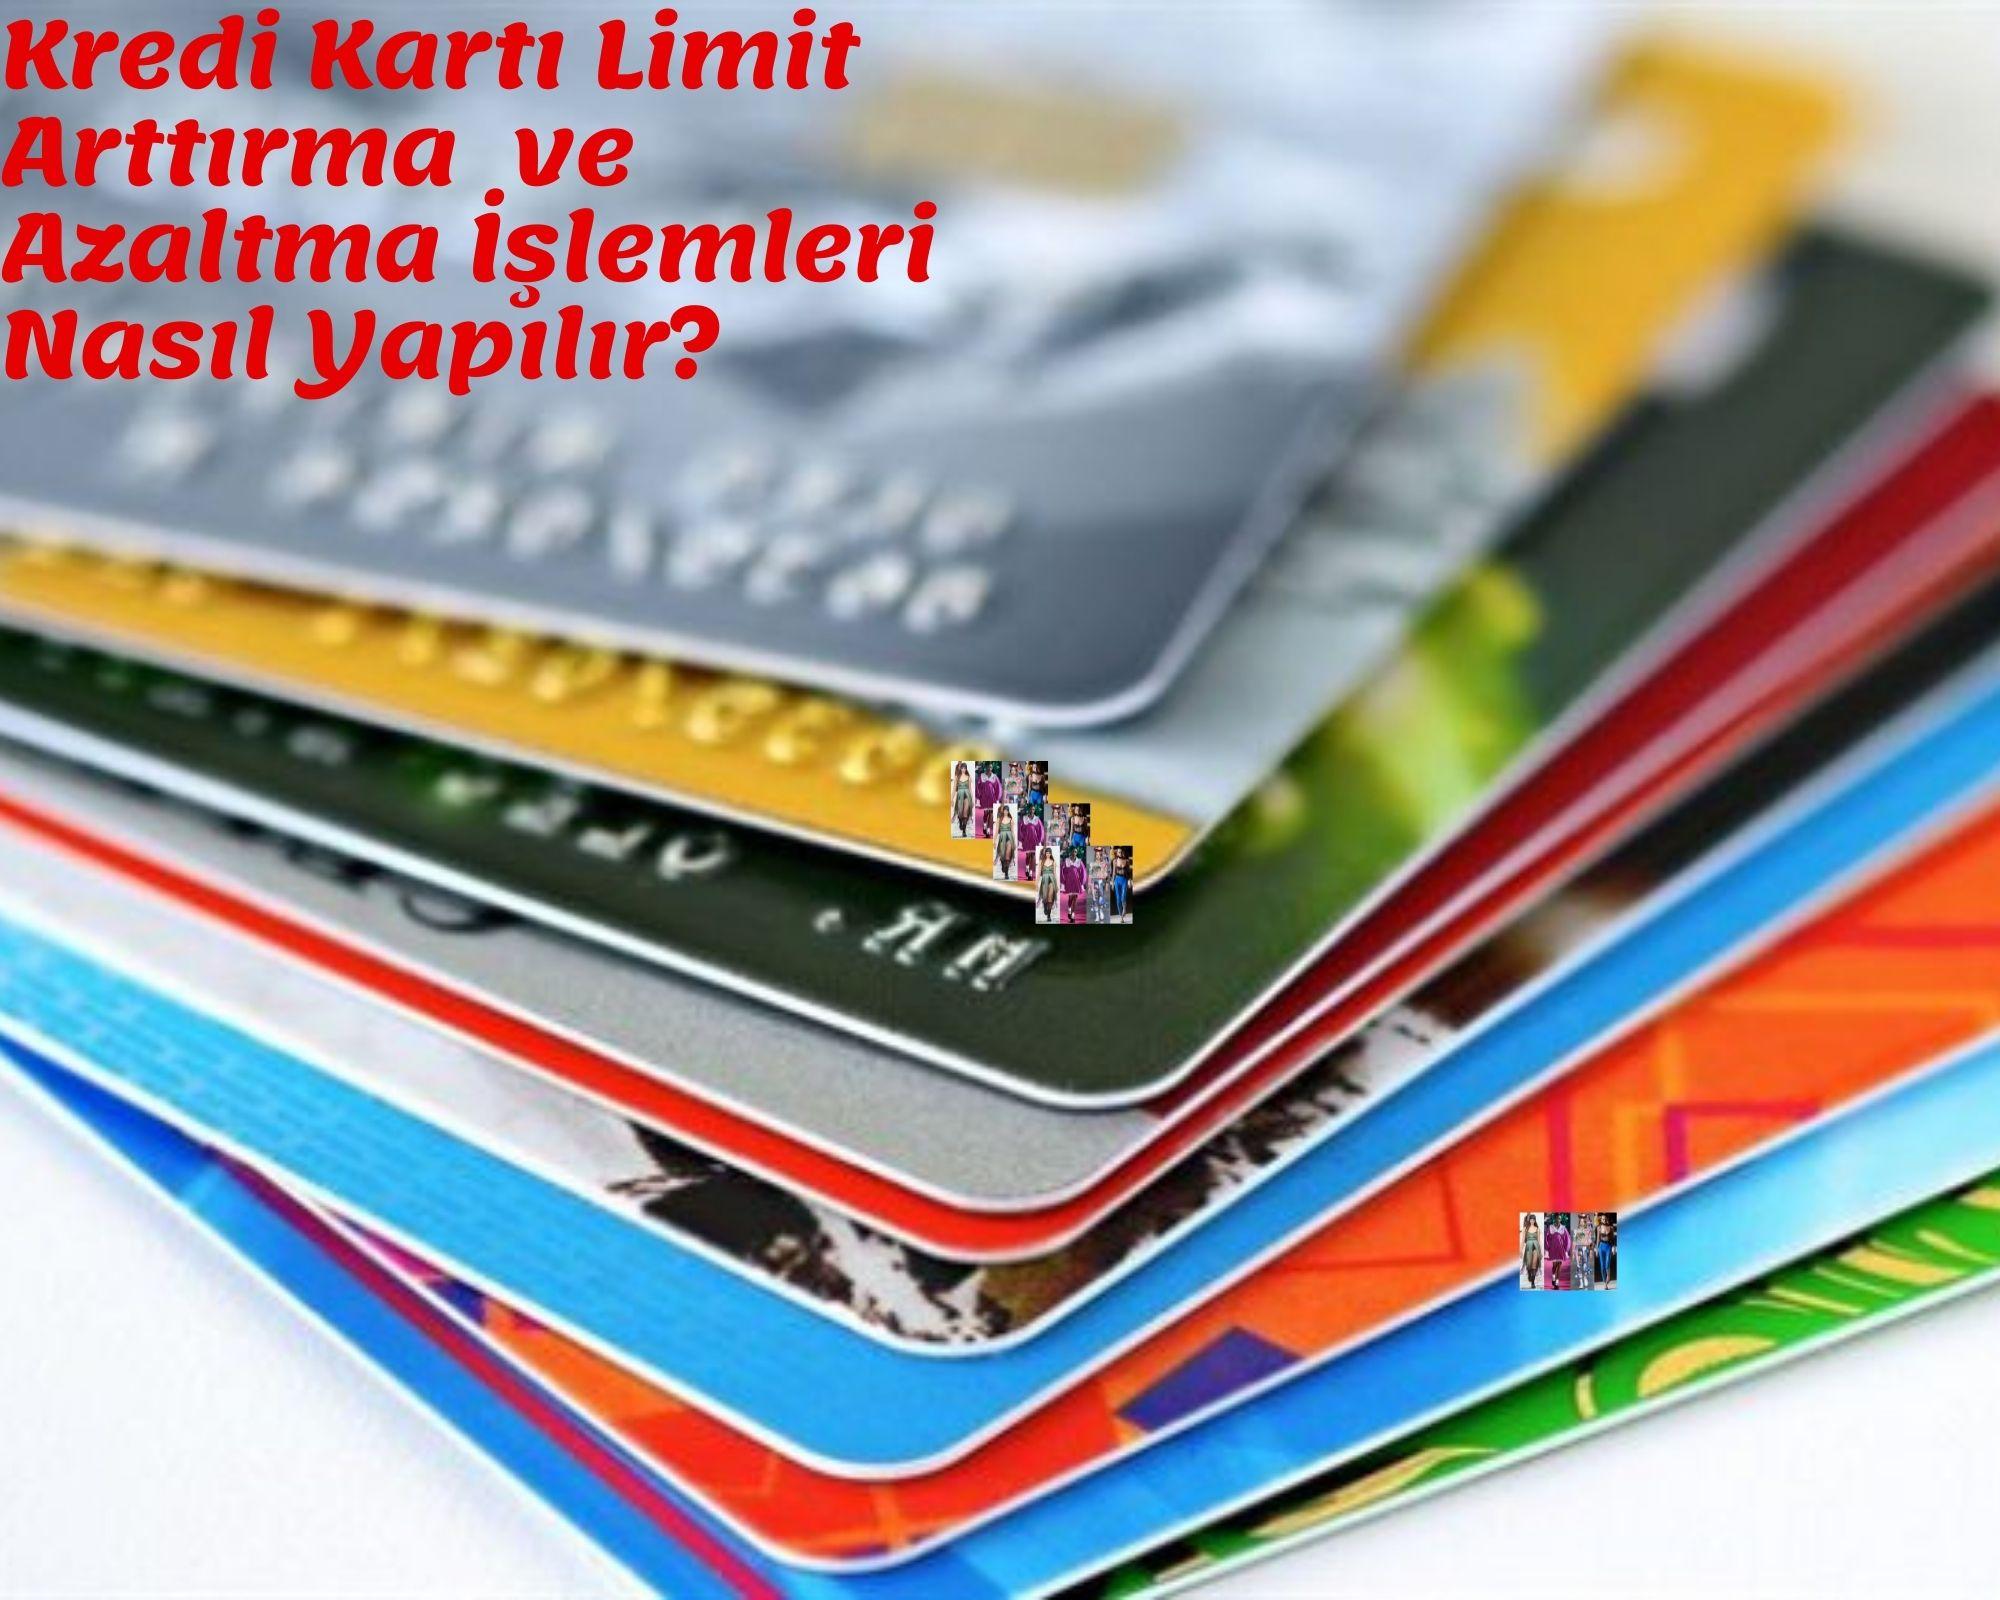 Kredi Kartı Limit Arttırma ve Azaltma İşlemleri Nasıl Yapılır?